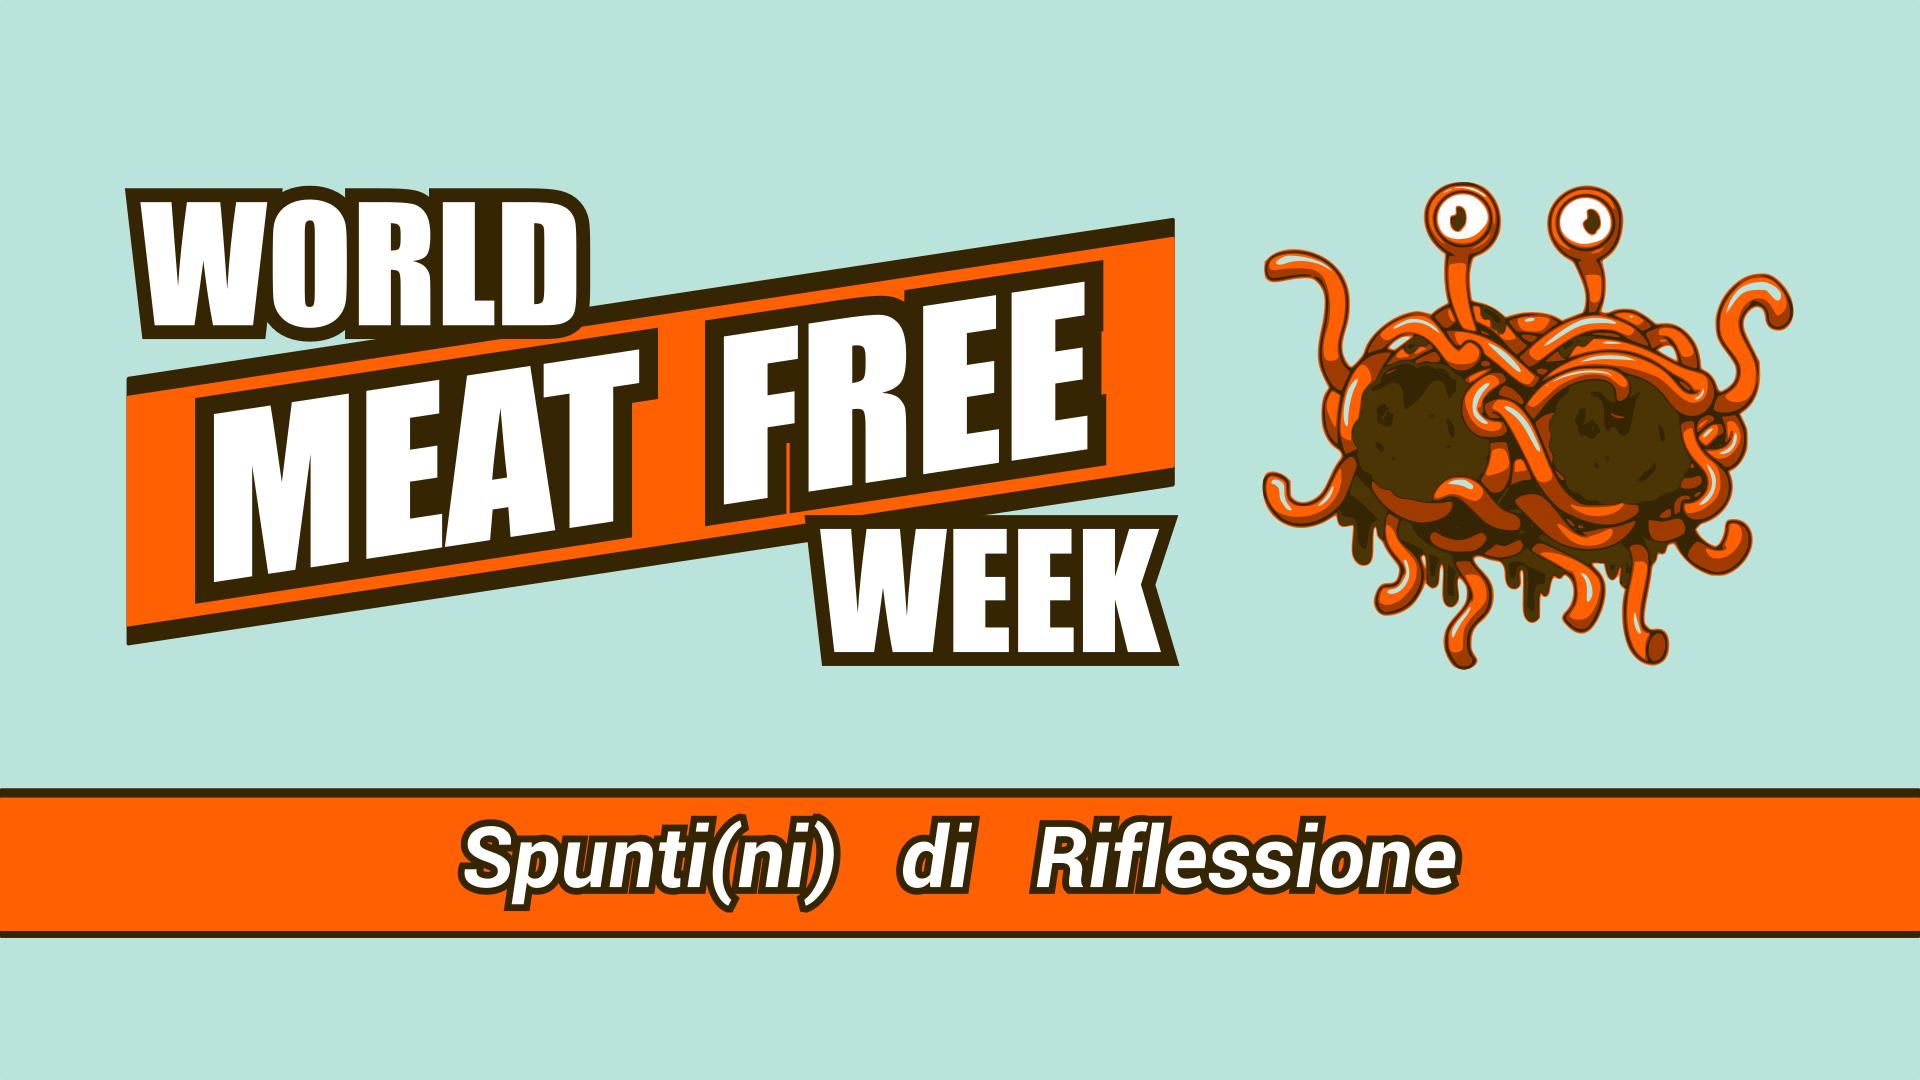 WORLD MEAT FREE WEEK – Spunti(ni) di Riflessione